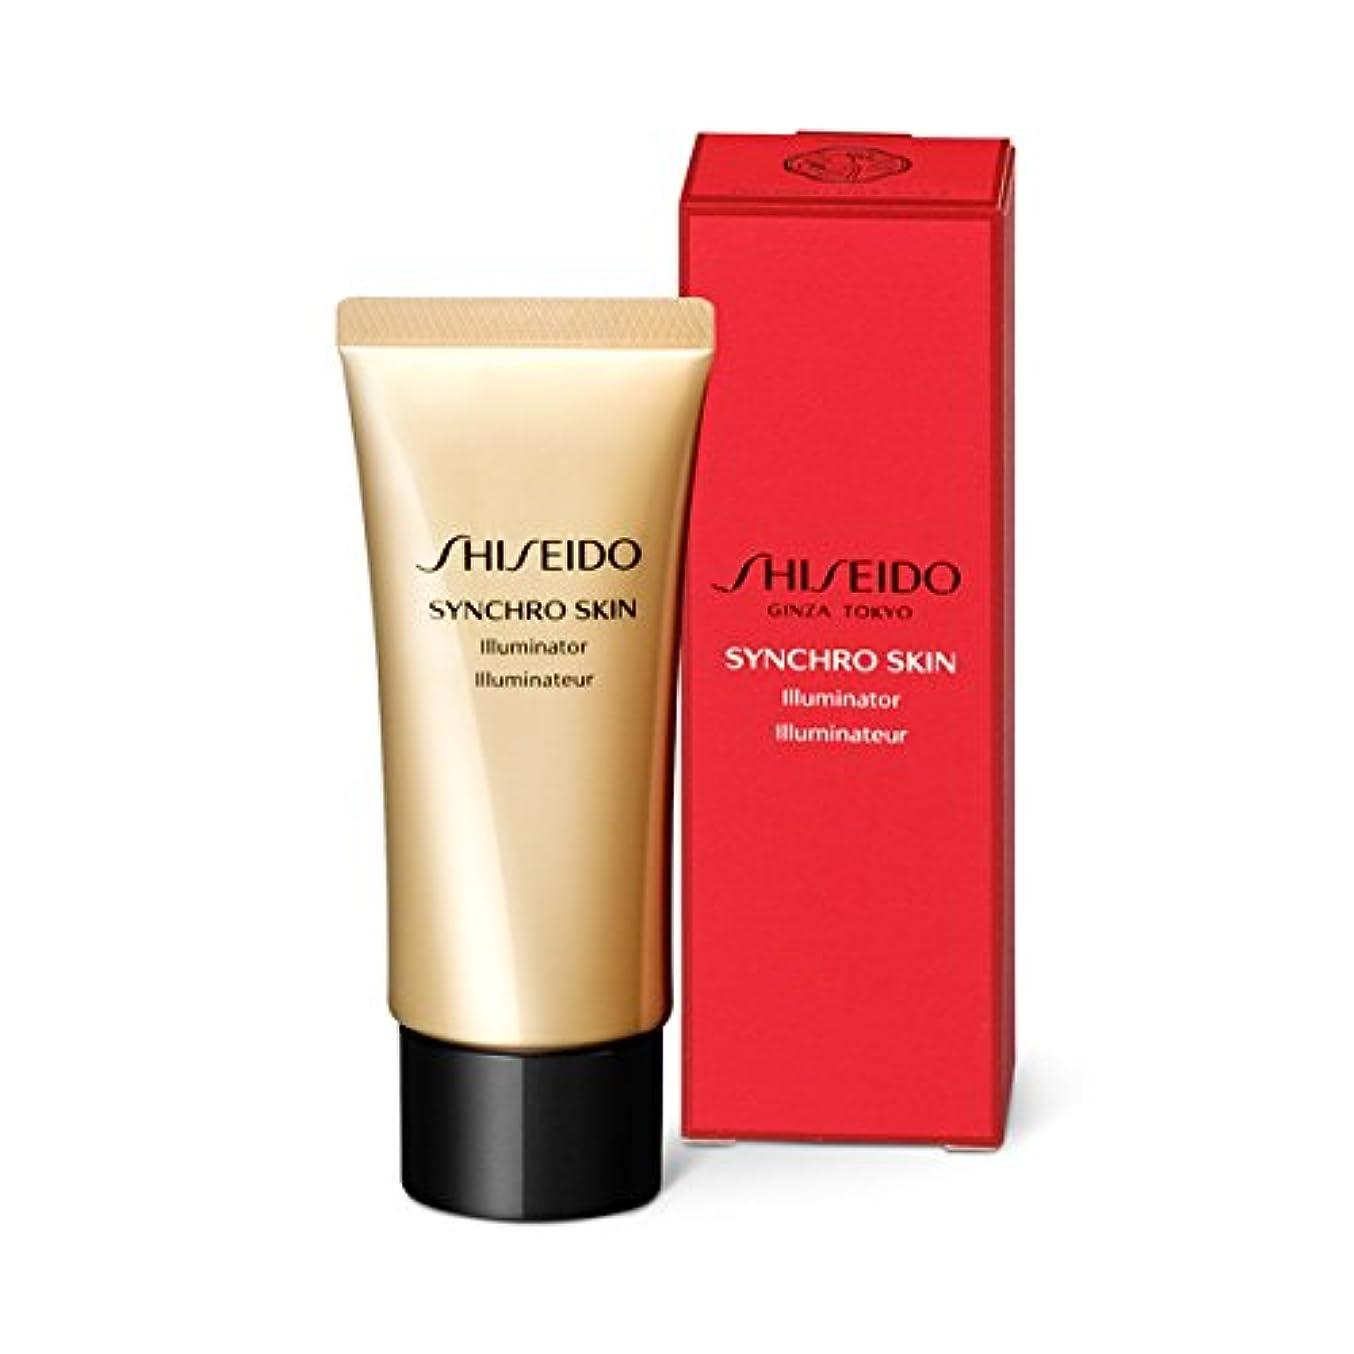 経度崩壊真面目なSHISEIDO Makeup(資生堂 メーキャップ) SHISEIDO(資生堂) シンクロスキン イルミネーター 40g (ピュアゴールド)